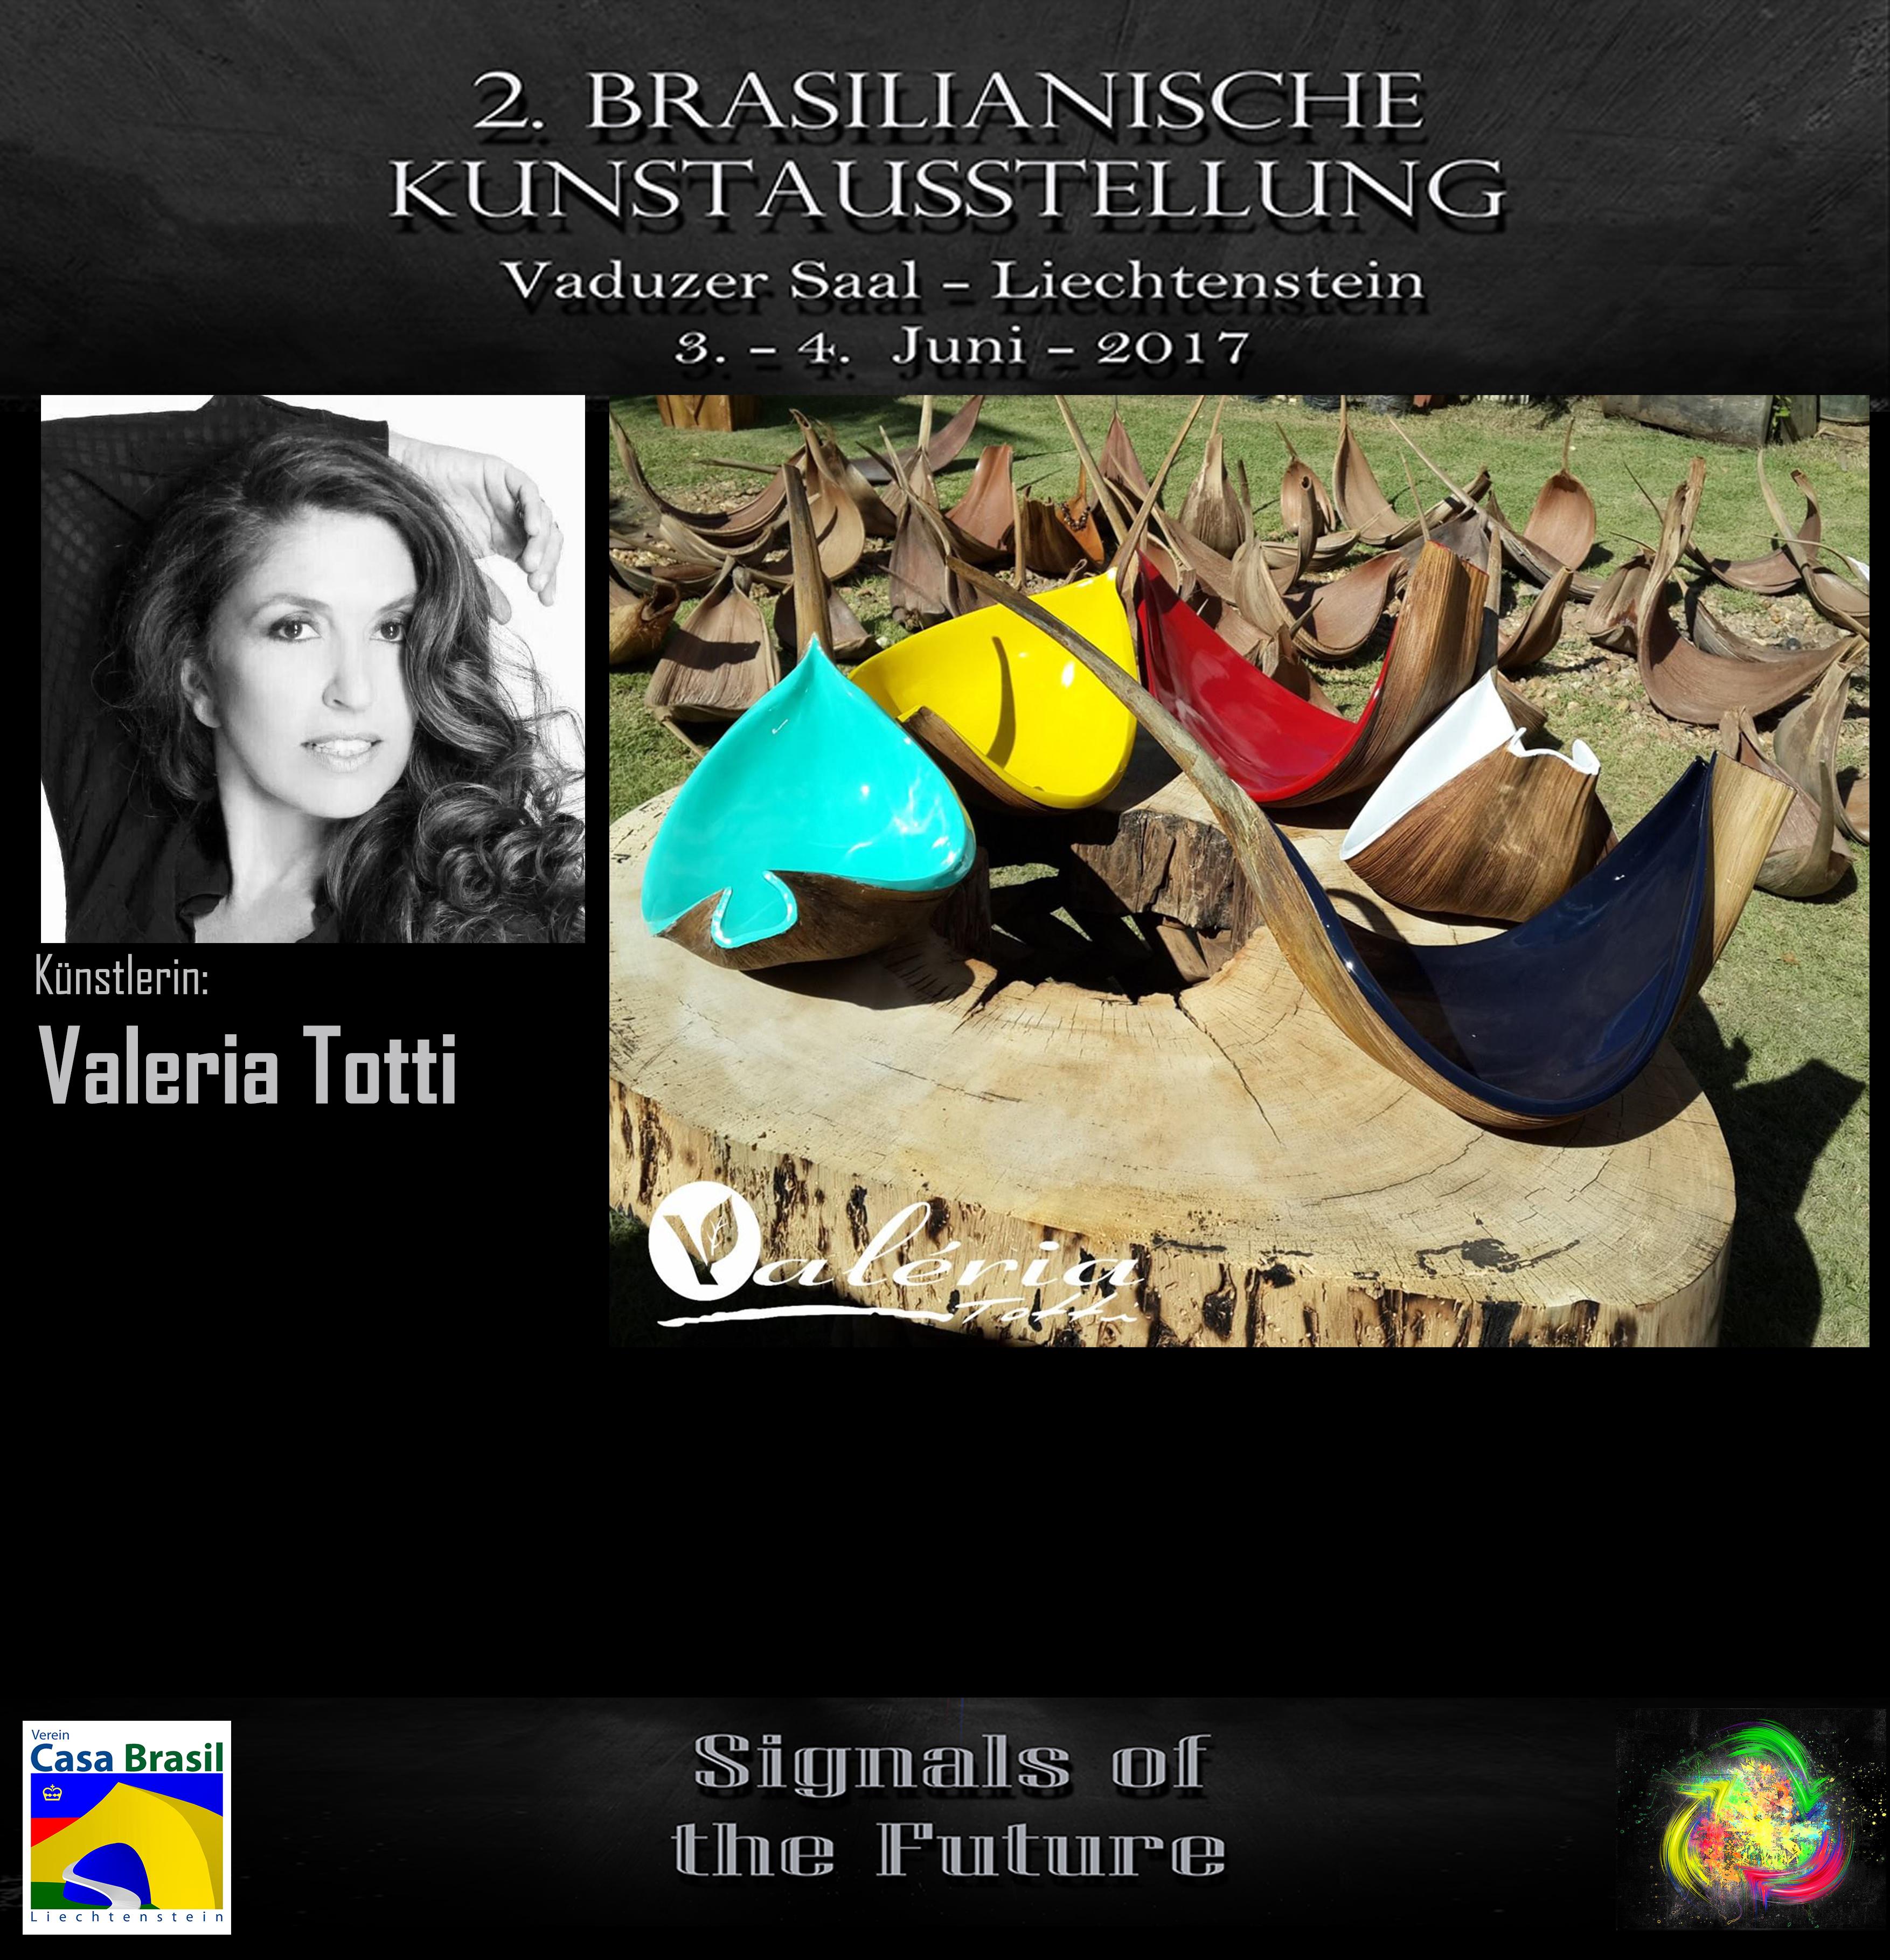 Valeria Totti